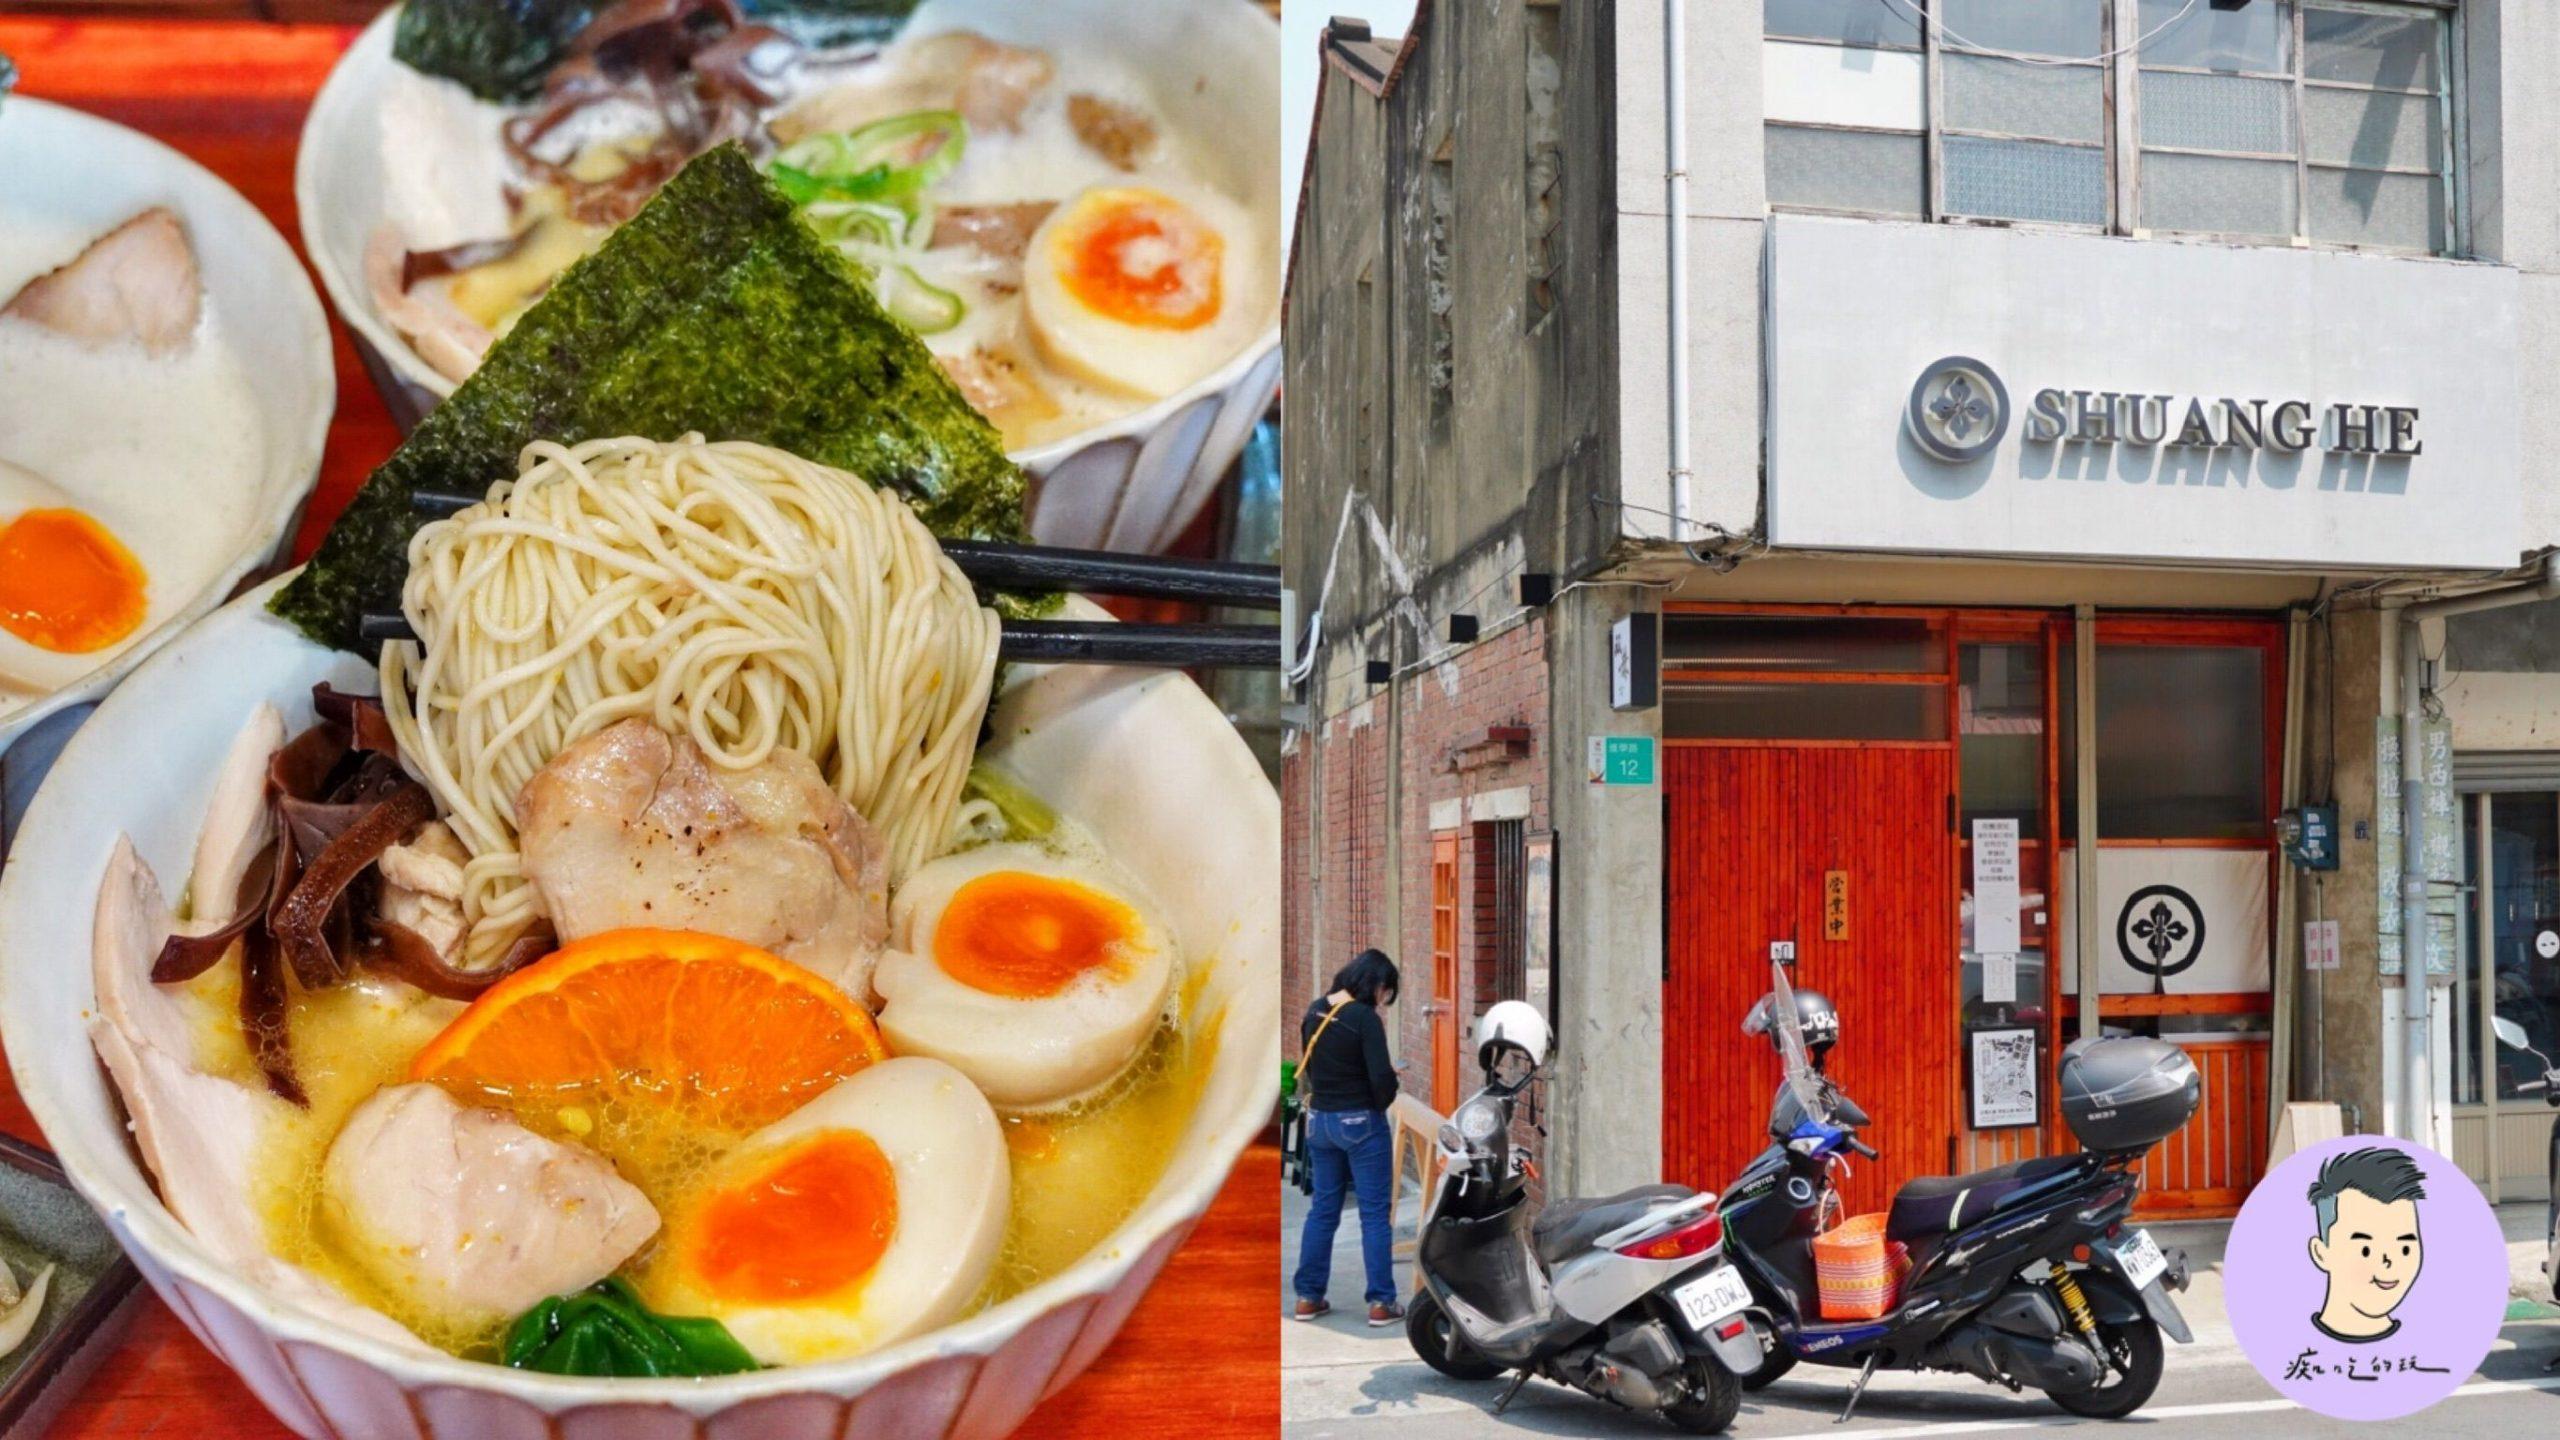 【台南美食】只能拍兩秒的雞白湯拉麵「双赫日式拉麵」善化老宅美食!想吃就要排隊等|善化美食